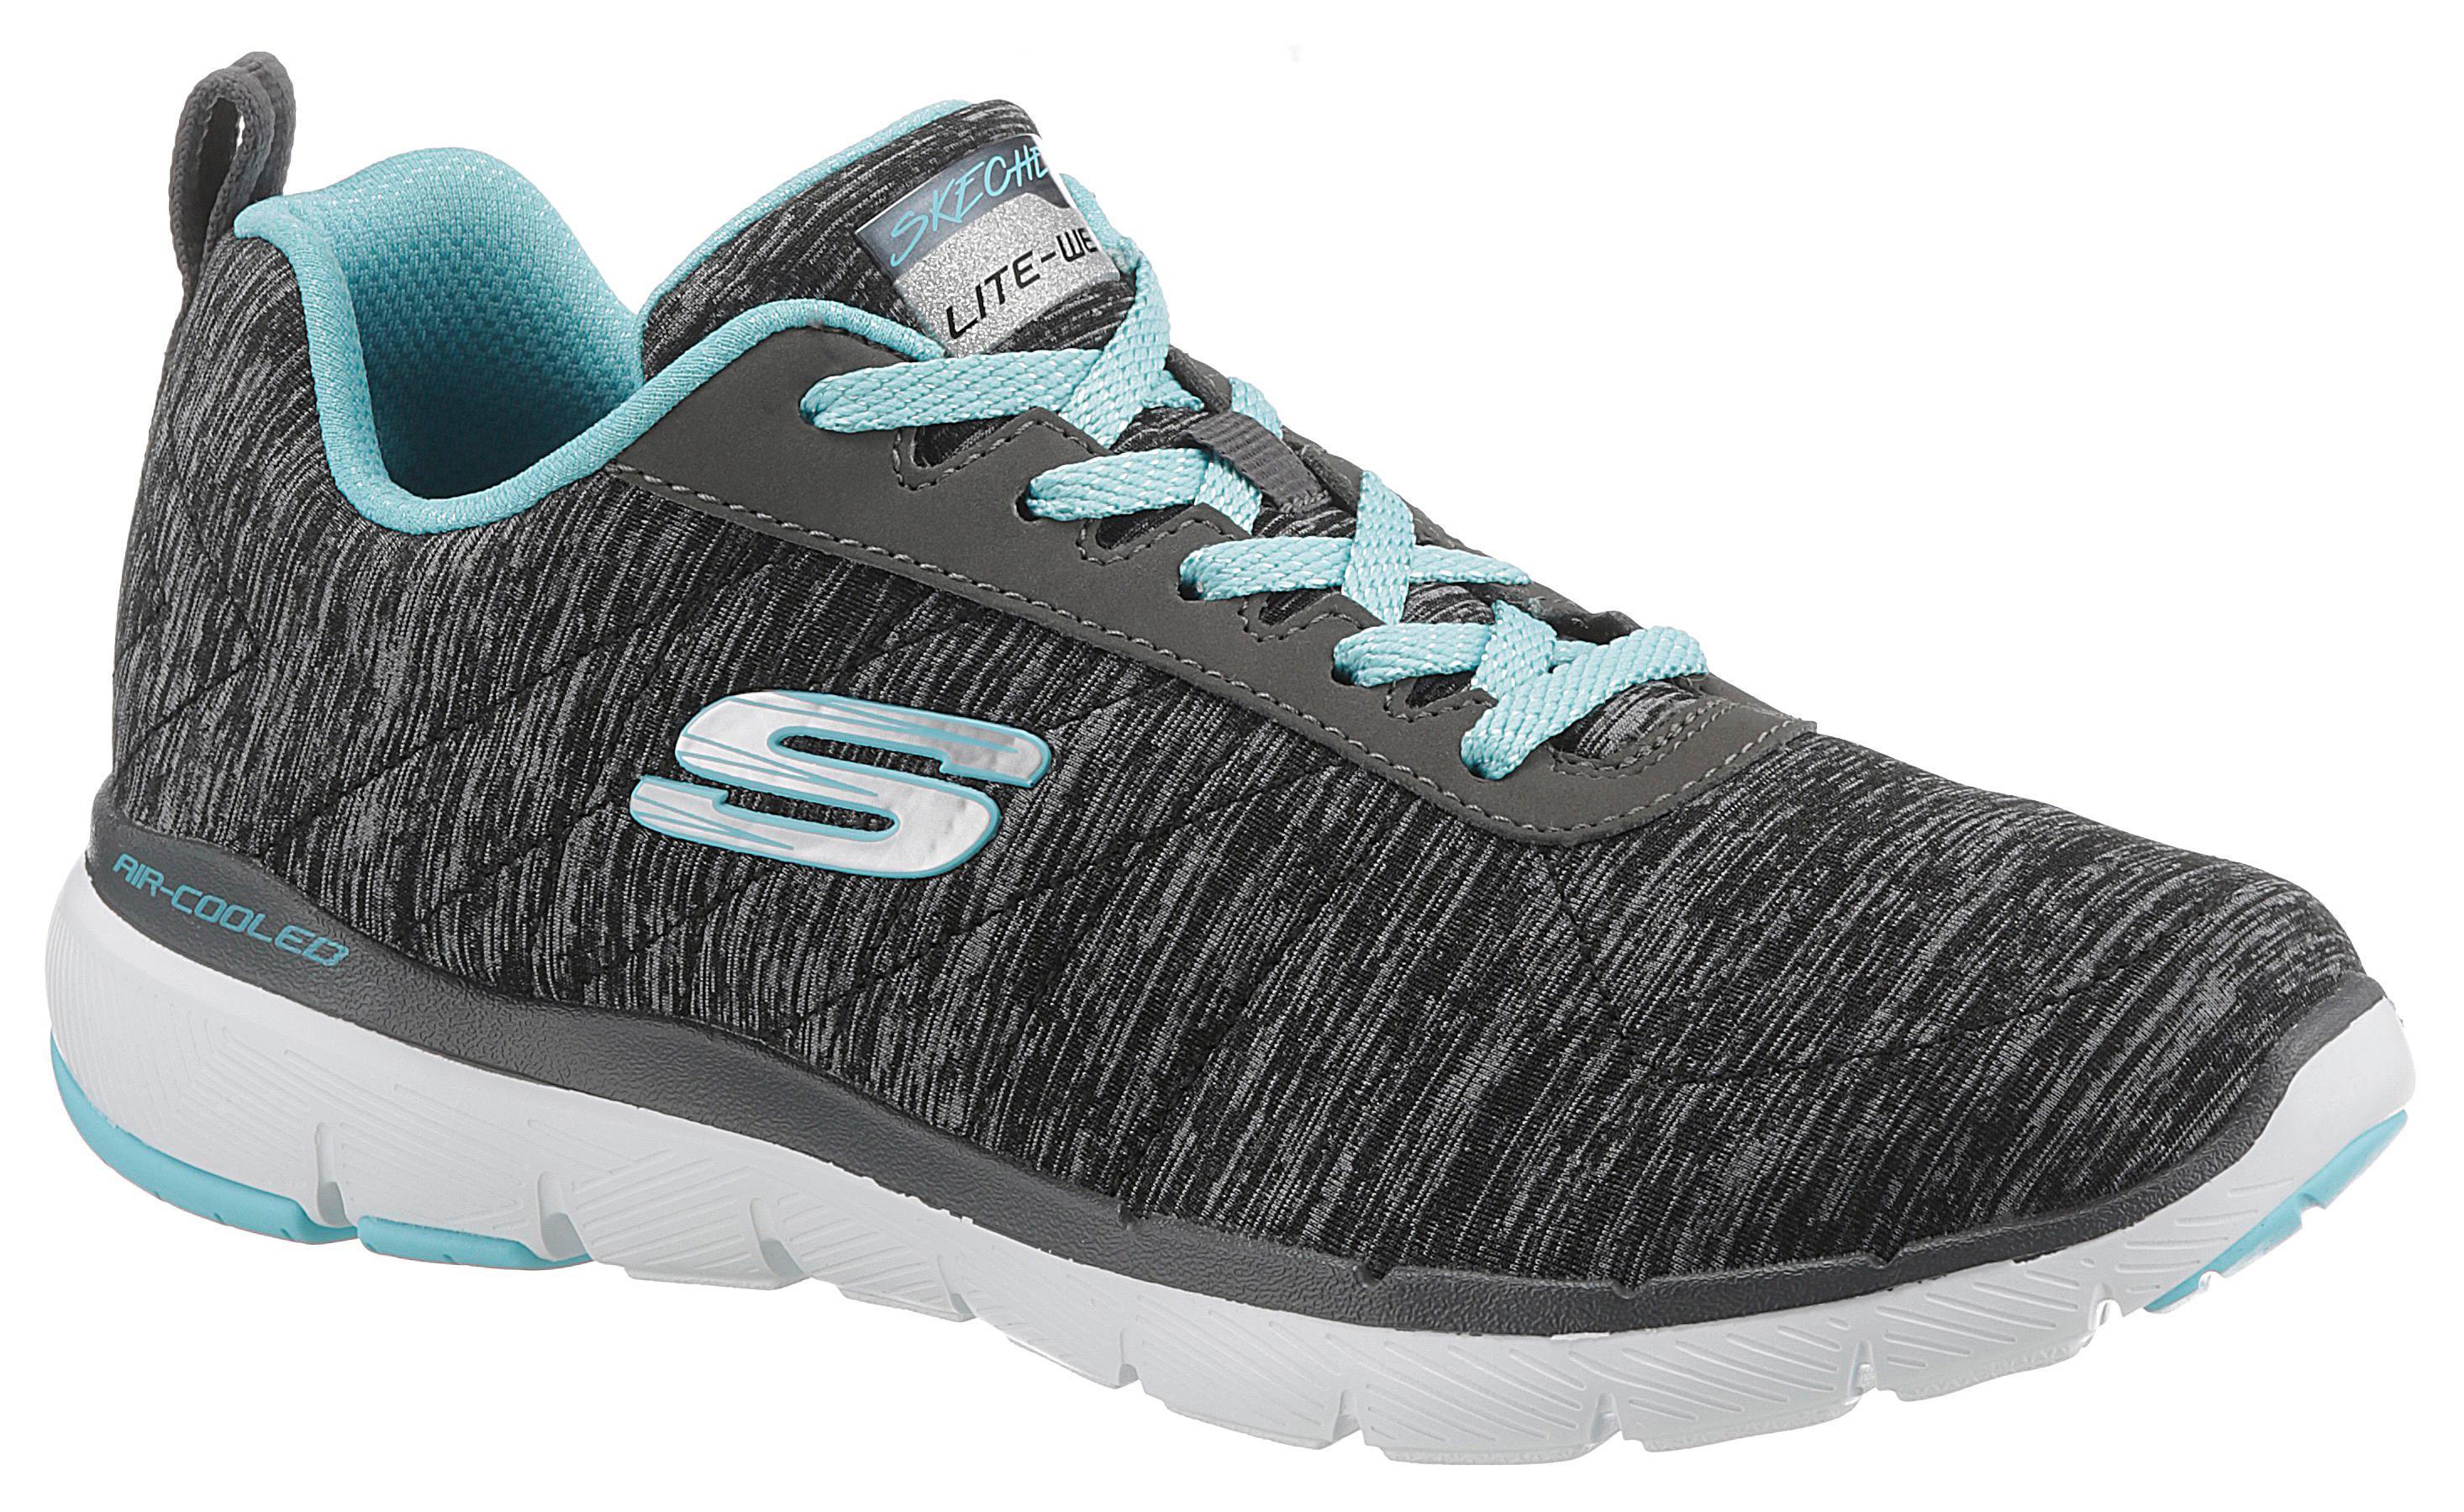 Skechers Sneaker Flex Appeal 3.0 schwarz Damen Schnürhalbschuh Halbschuhe